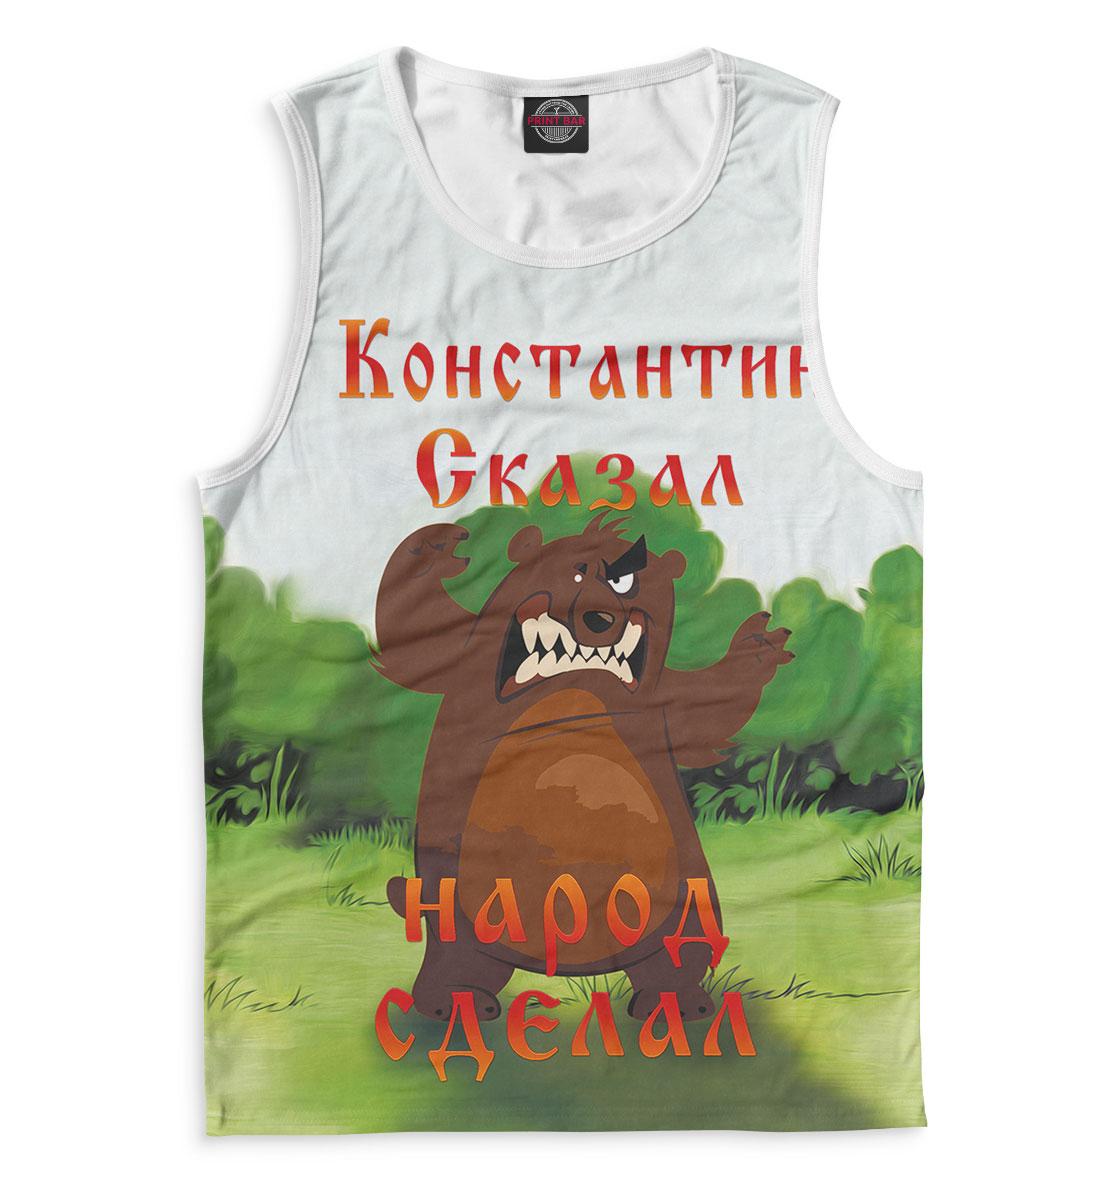 Купить Константин сказал, Printbar, Майки, KST-802805-may-2